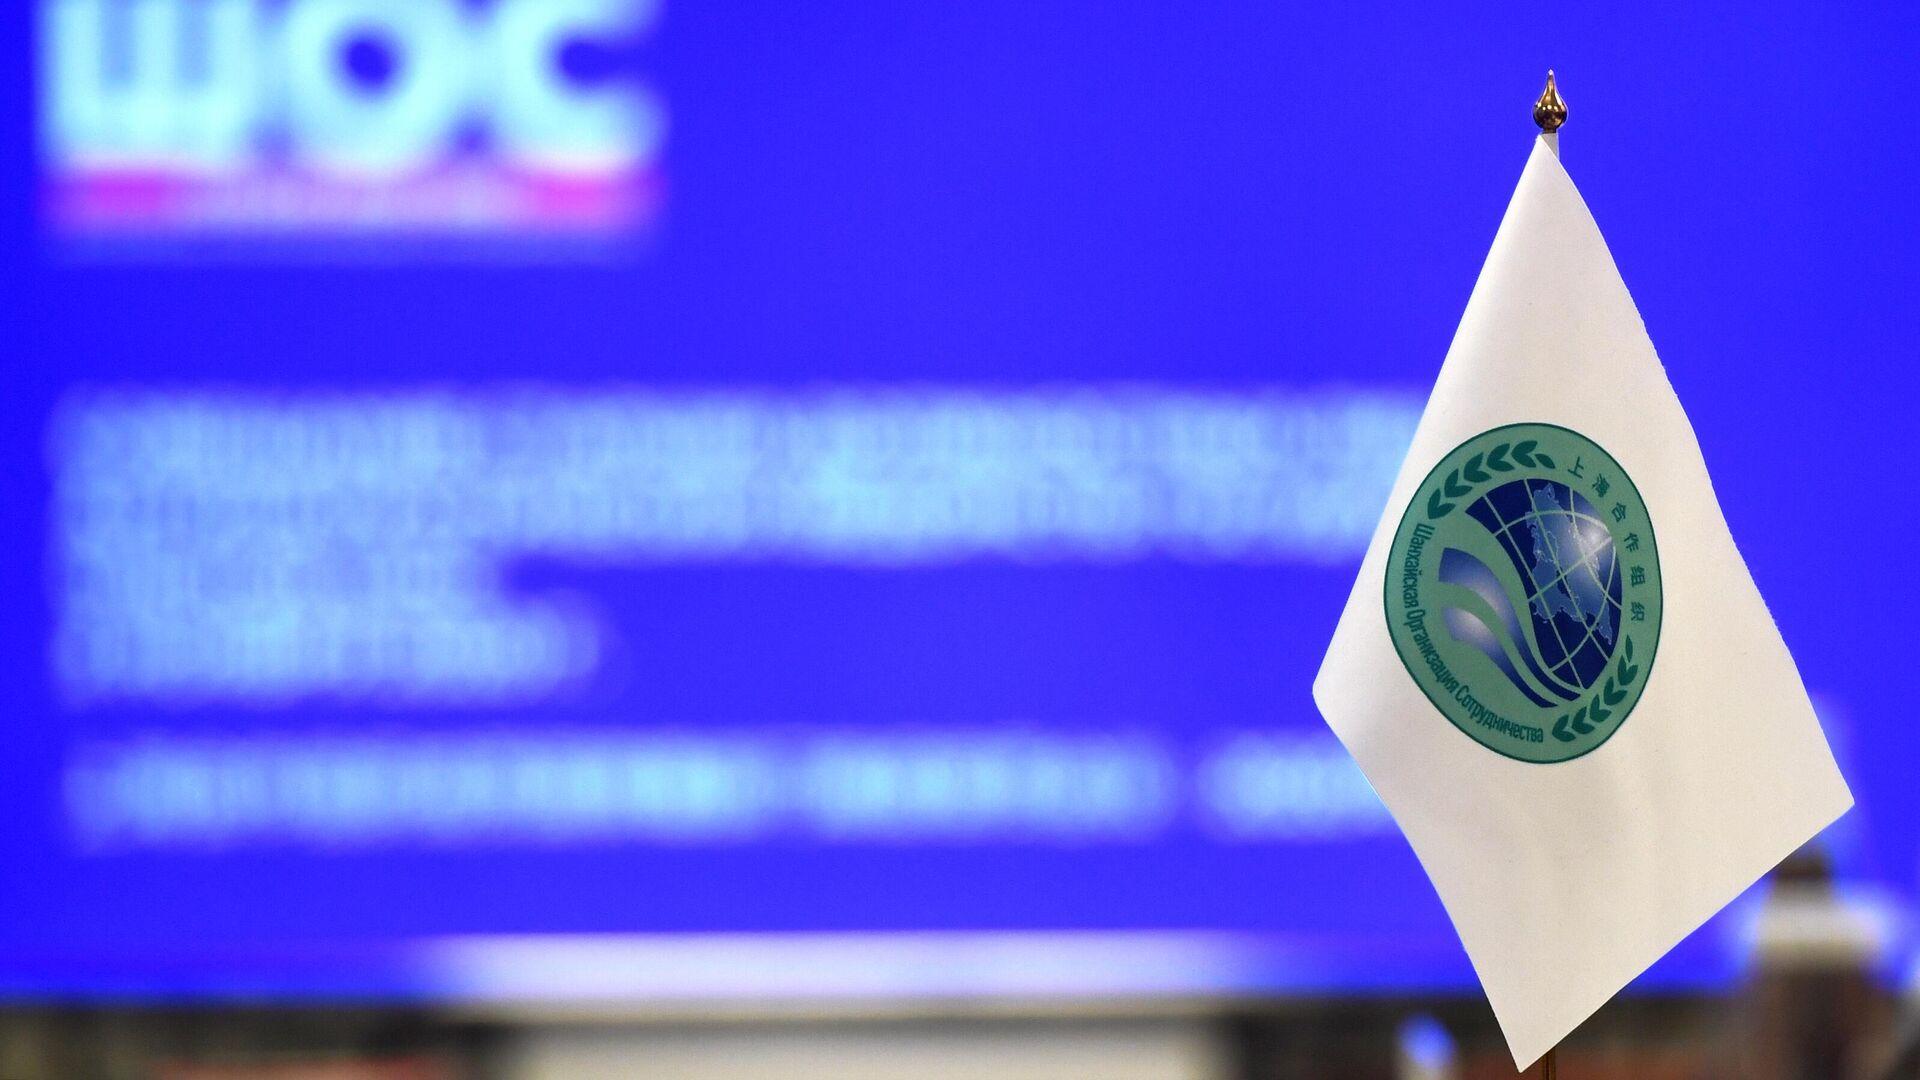 Флажок с логотипом Шанхайской организации сотрудничества (ШОС) - Sputnik Узбекистан, 1920, 16.09.2021